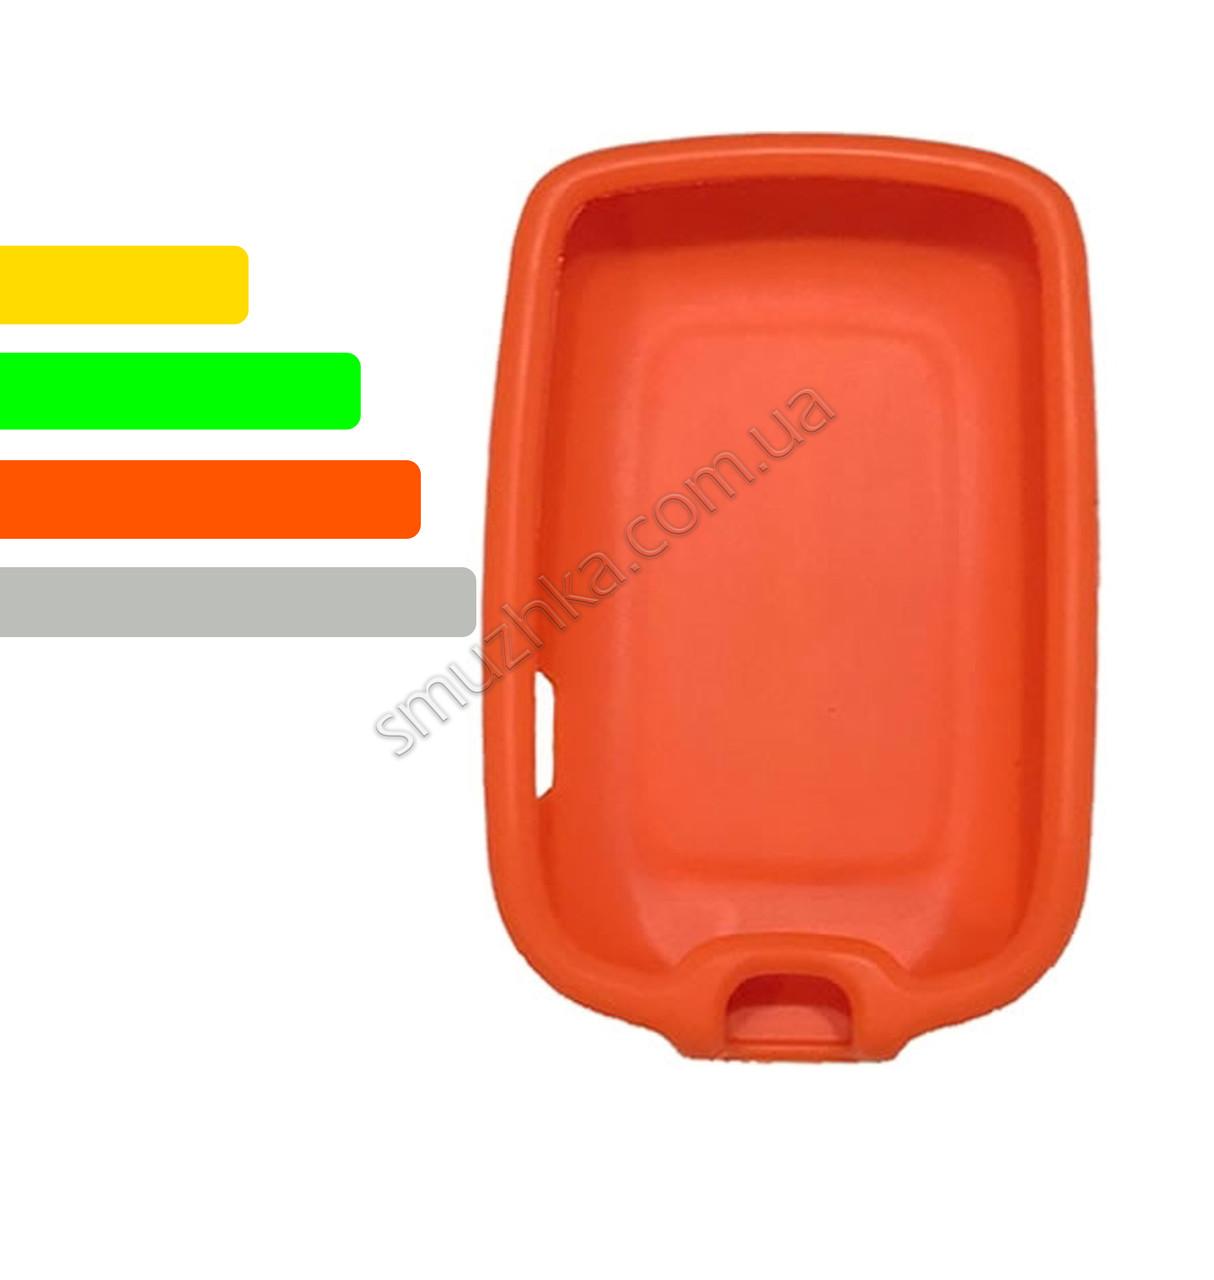 Чехол для ридера Freestyle Libre оранжевый